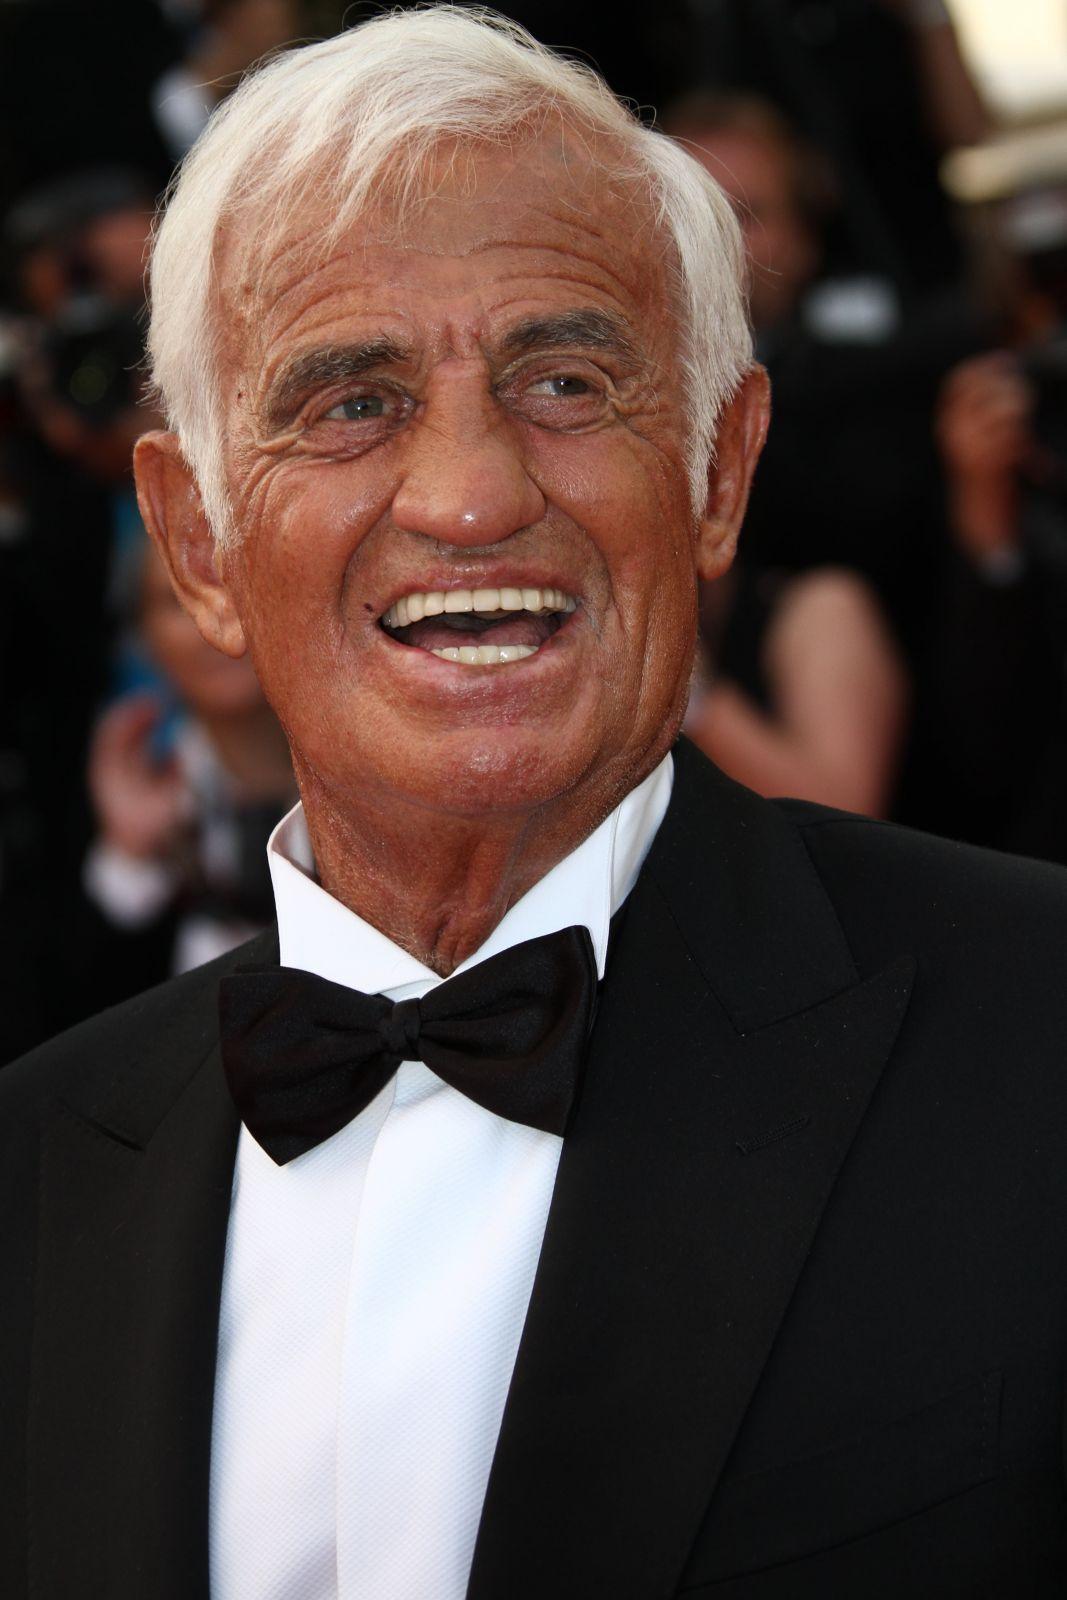 Muere el actor francés Jean Paul Belmondo, icono de la Nueva Ola